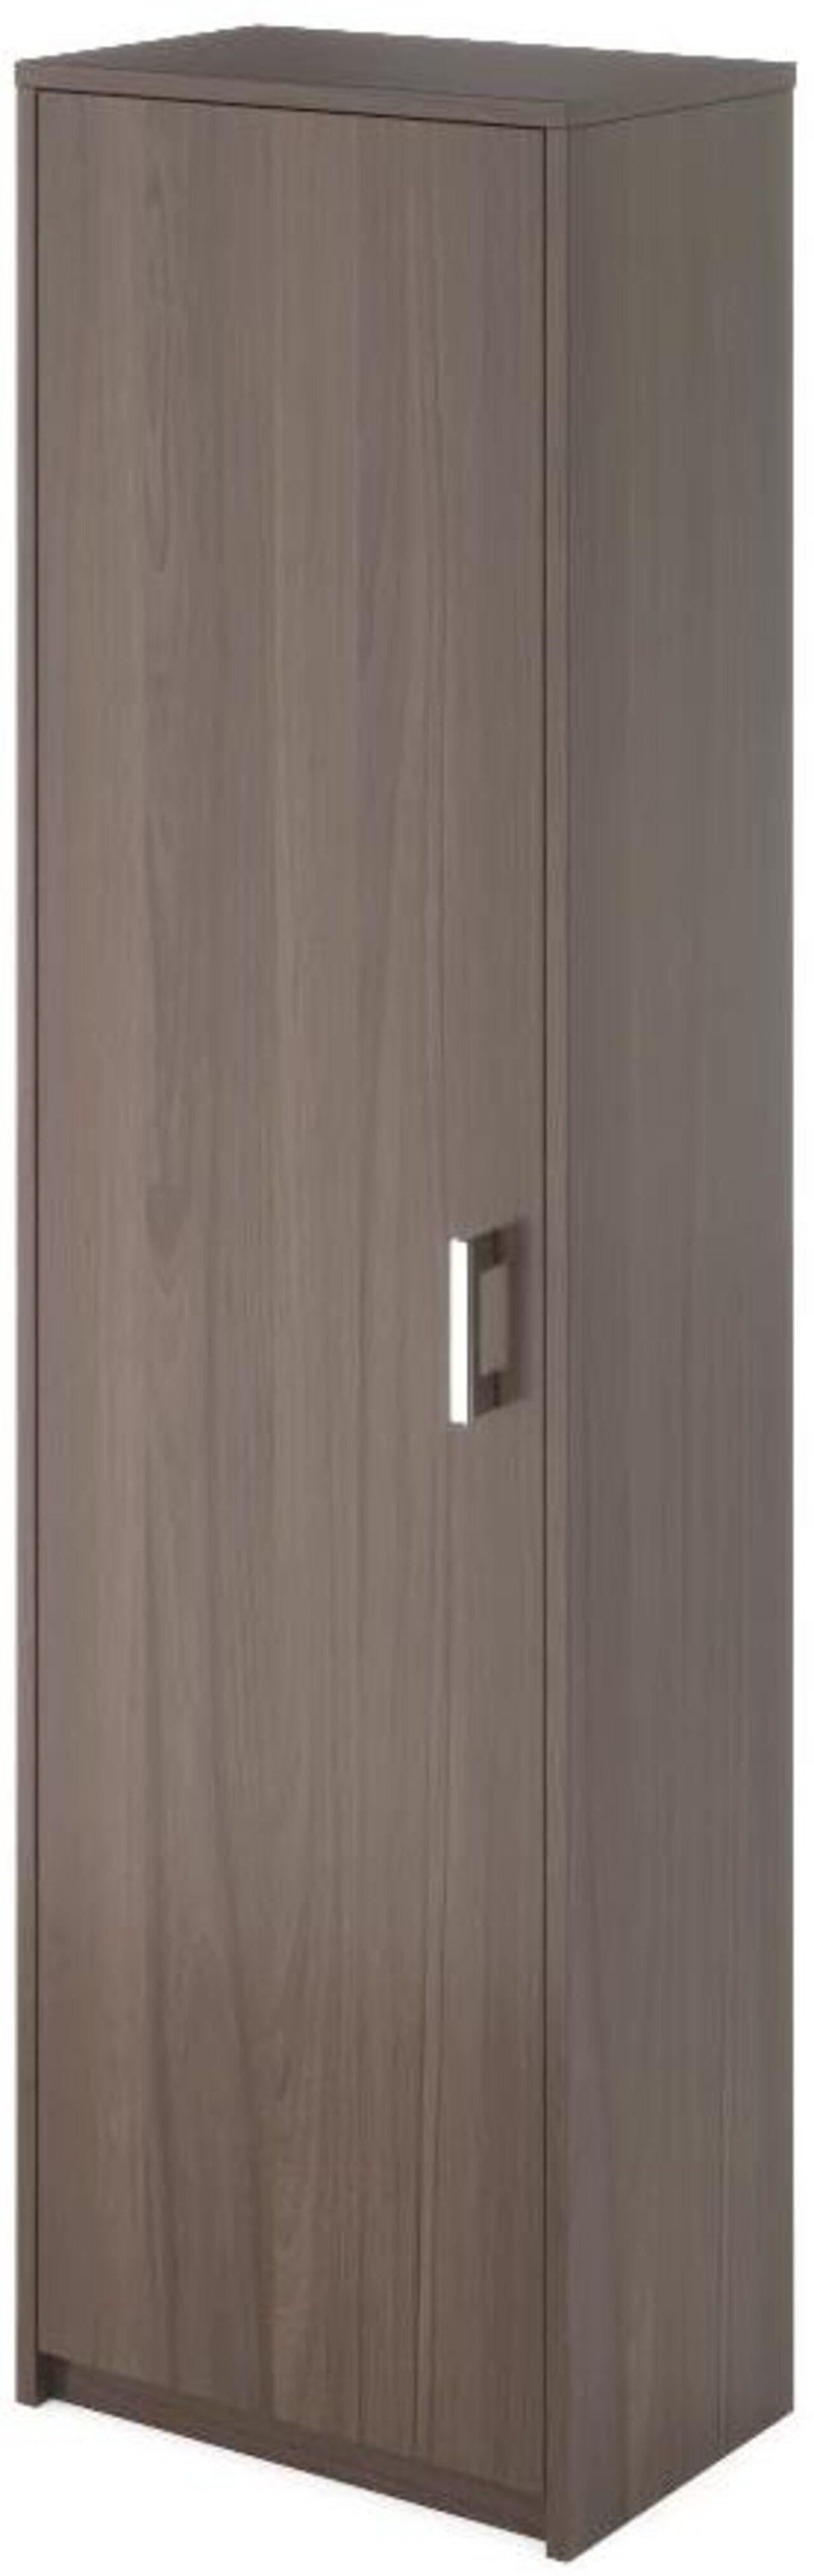 Шкаф для одежды  Арго 56x37x200 - фото 8